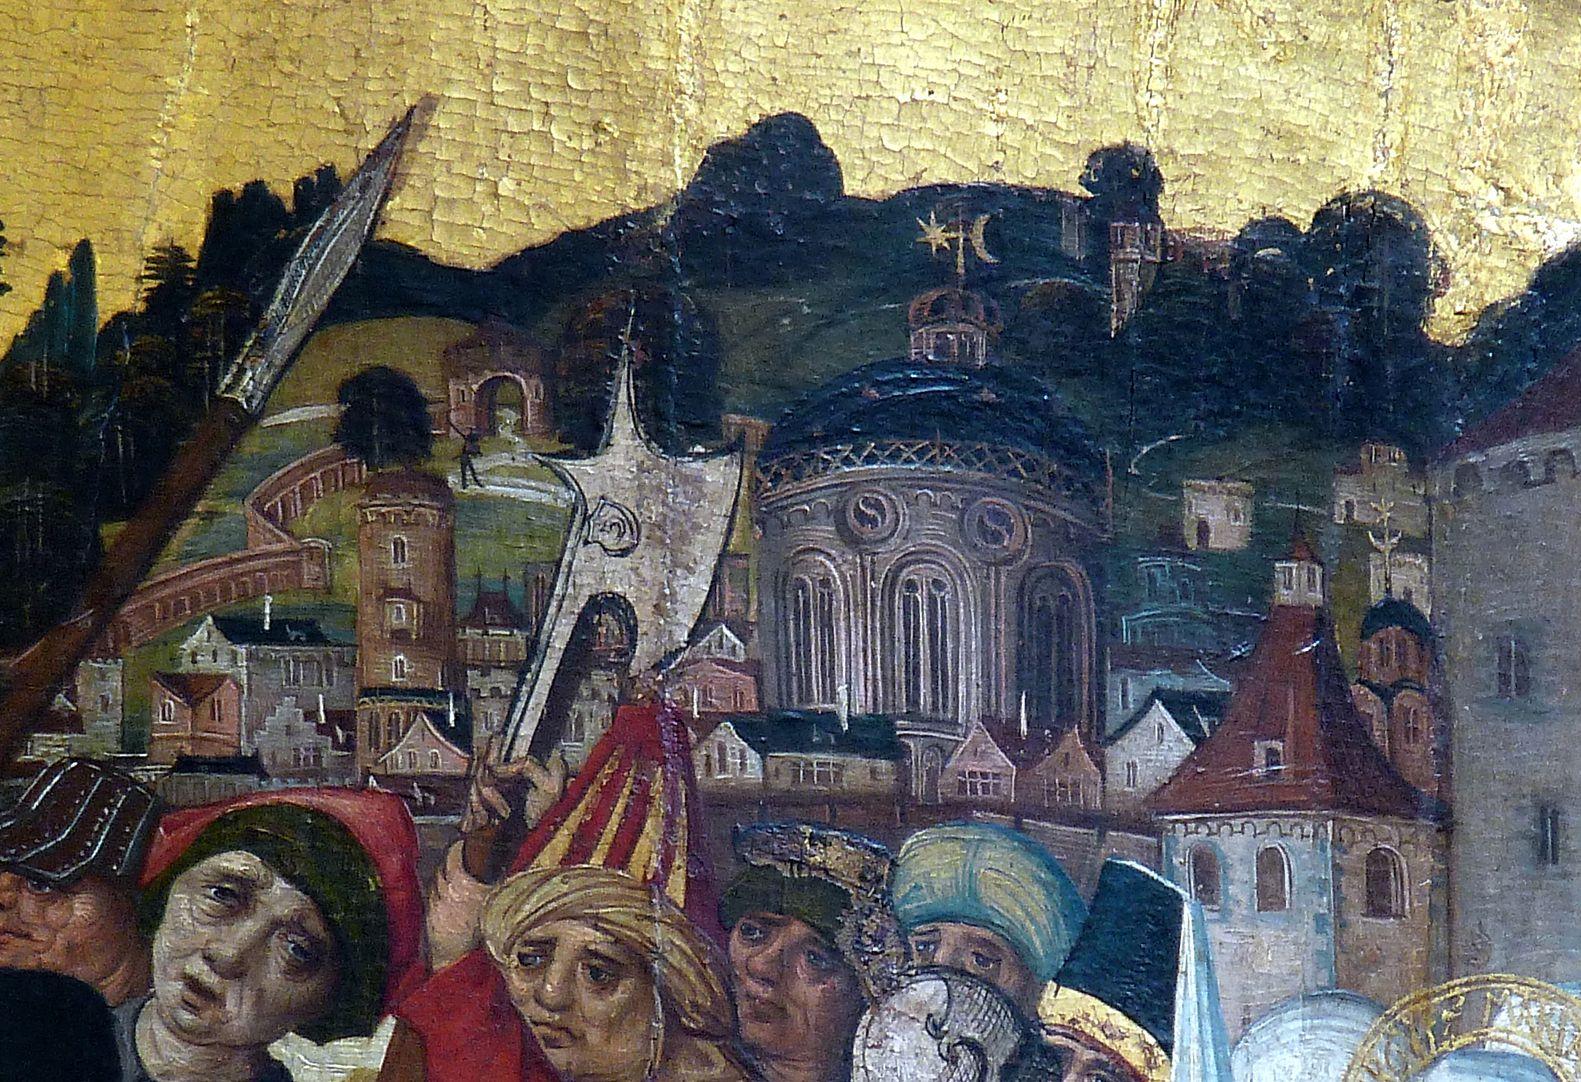 Thanhauser Epitaph rechte obere Bildecke mit Detailansicht von Jerusalem